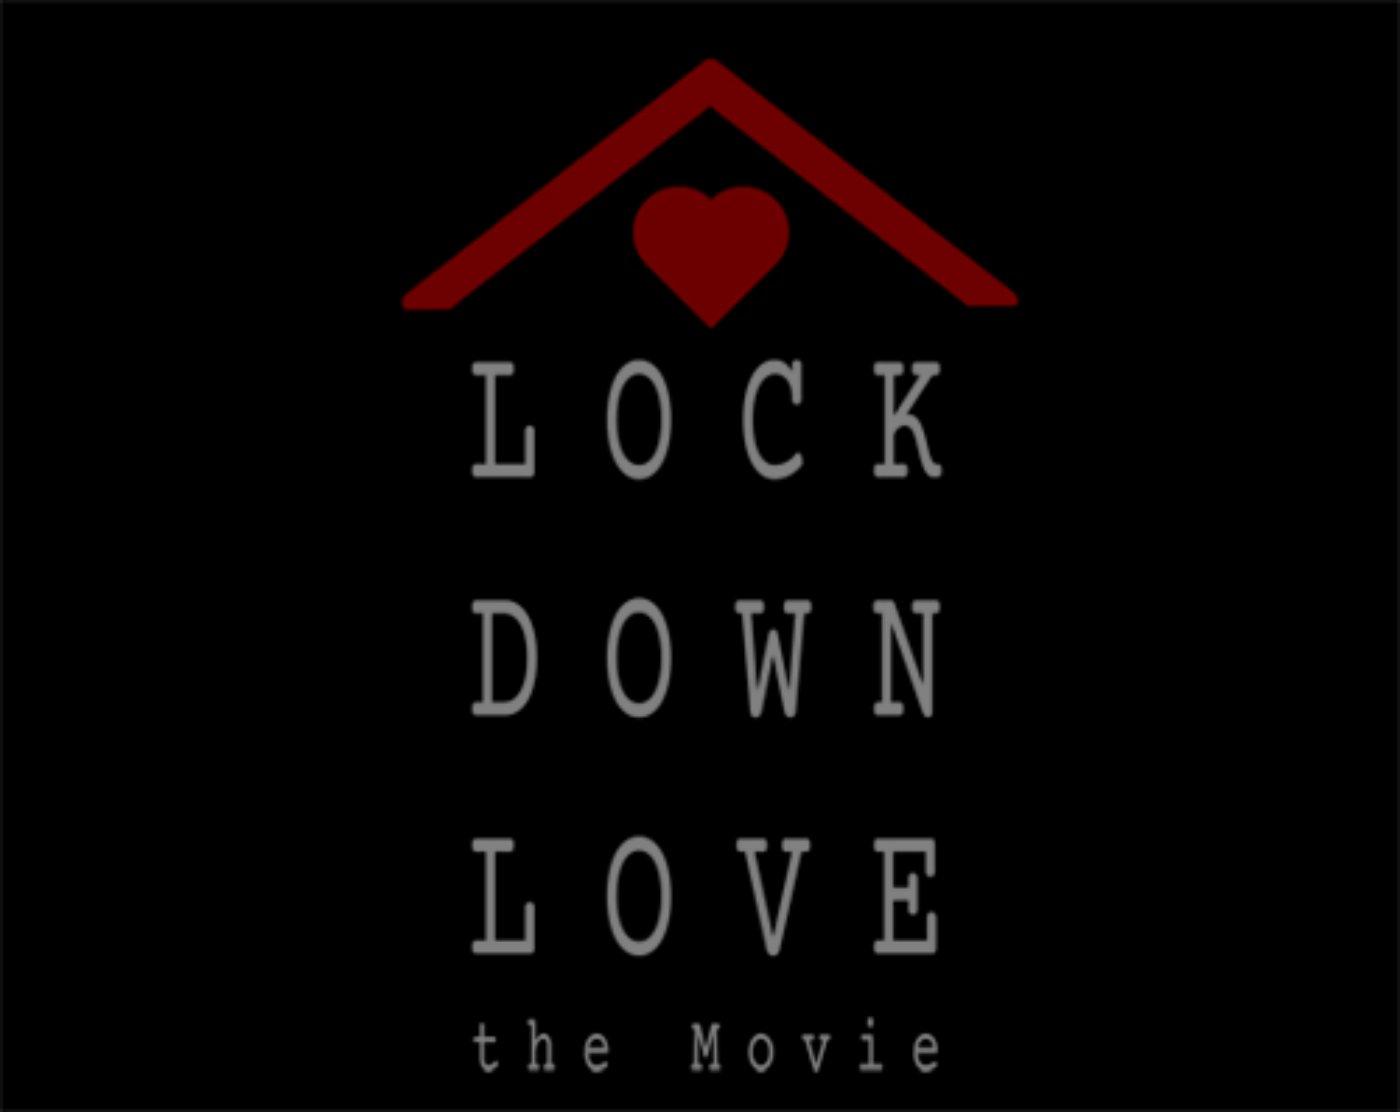 lock-down-love-tante-storie-per-un-nuovo-progetto-cinema-austriaco